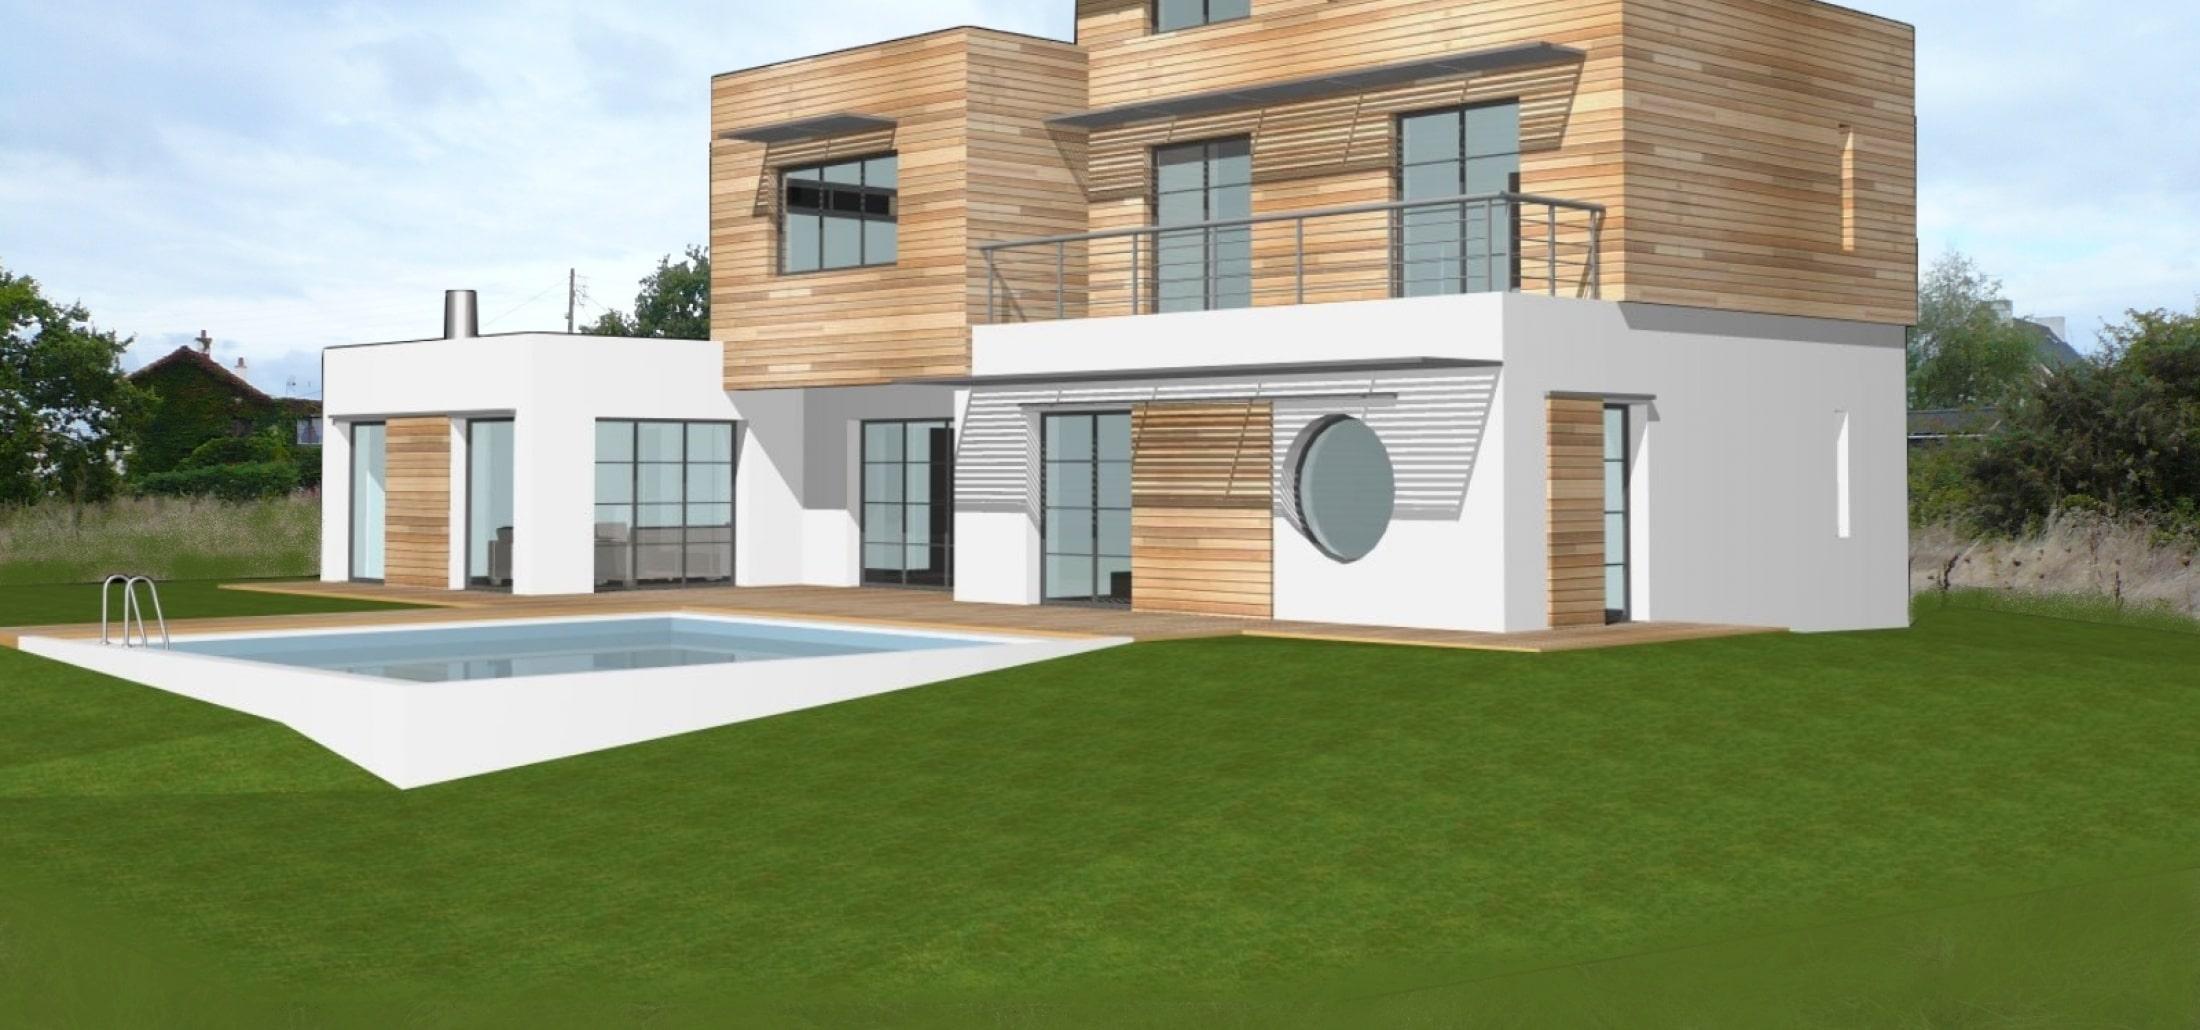 Un projet de construction de maison individuelle